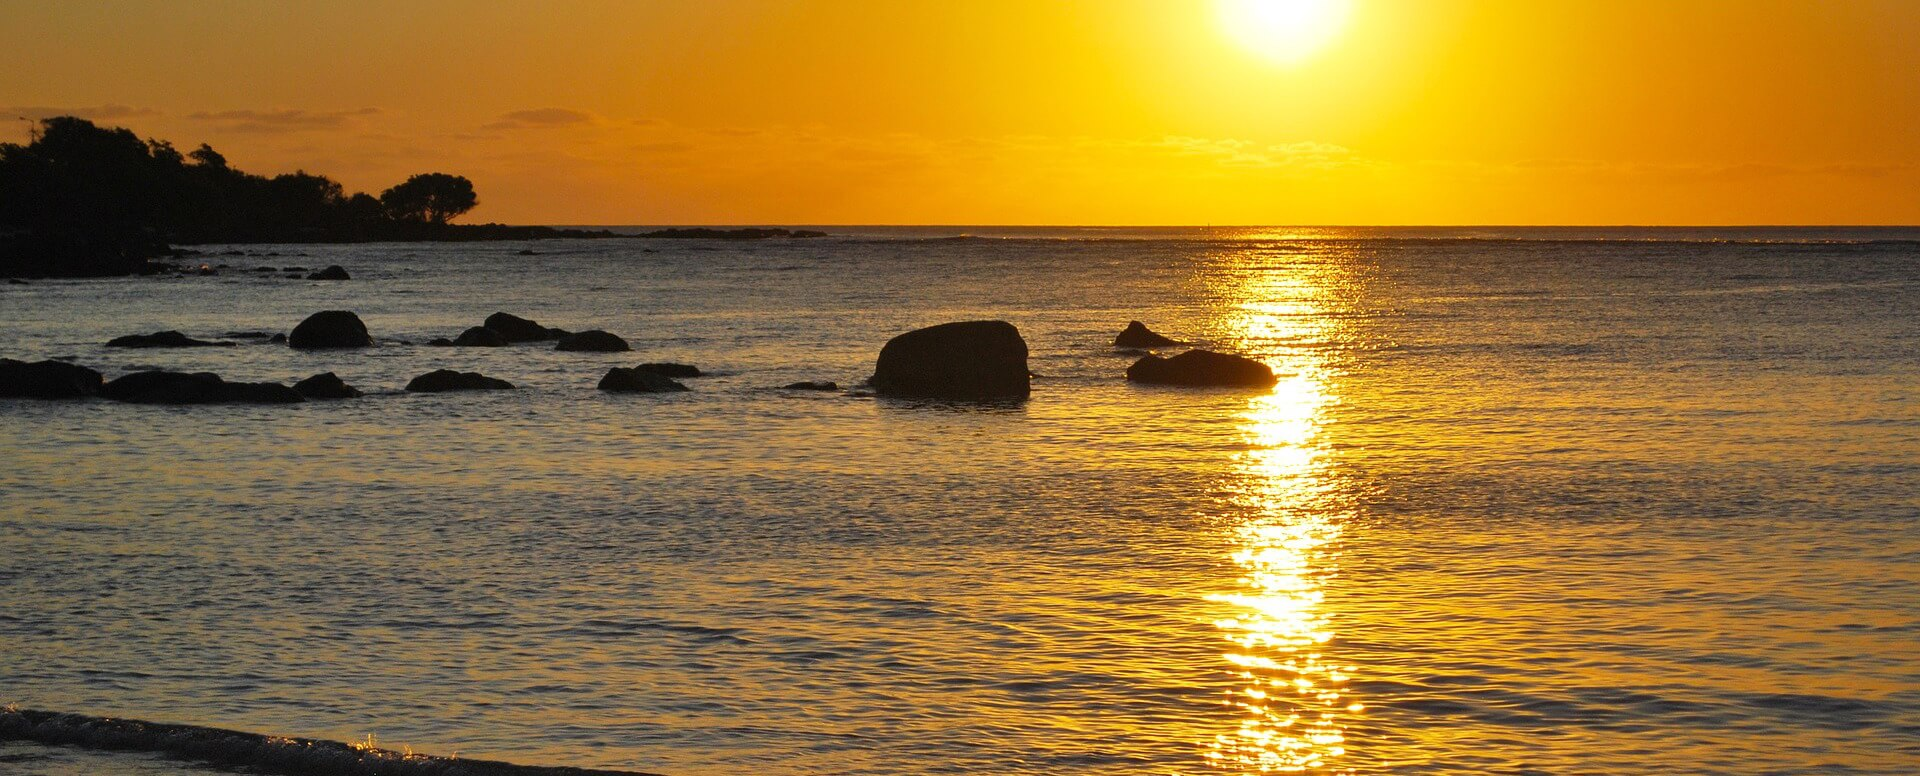 Hiver à Maurice : juin - novembre - Île Maurice